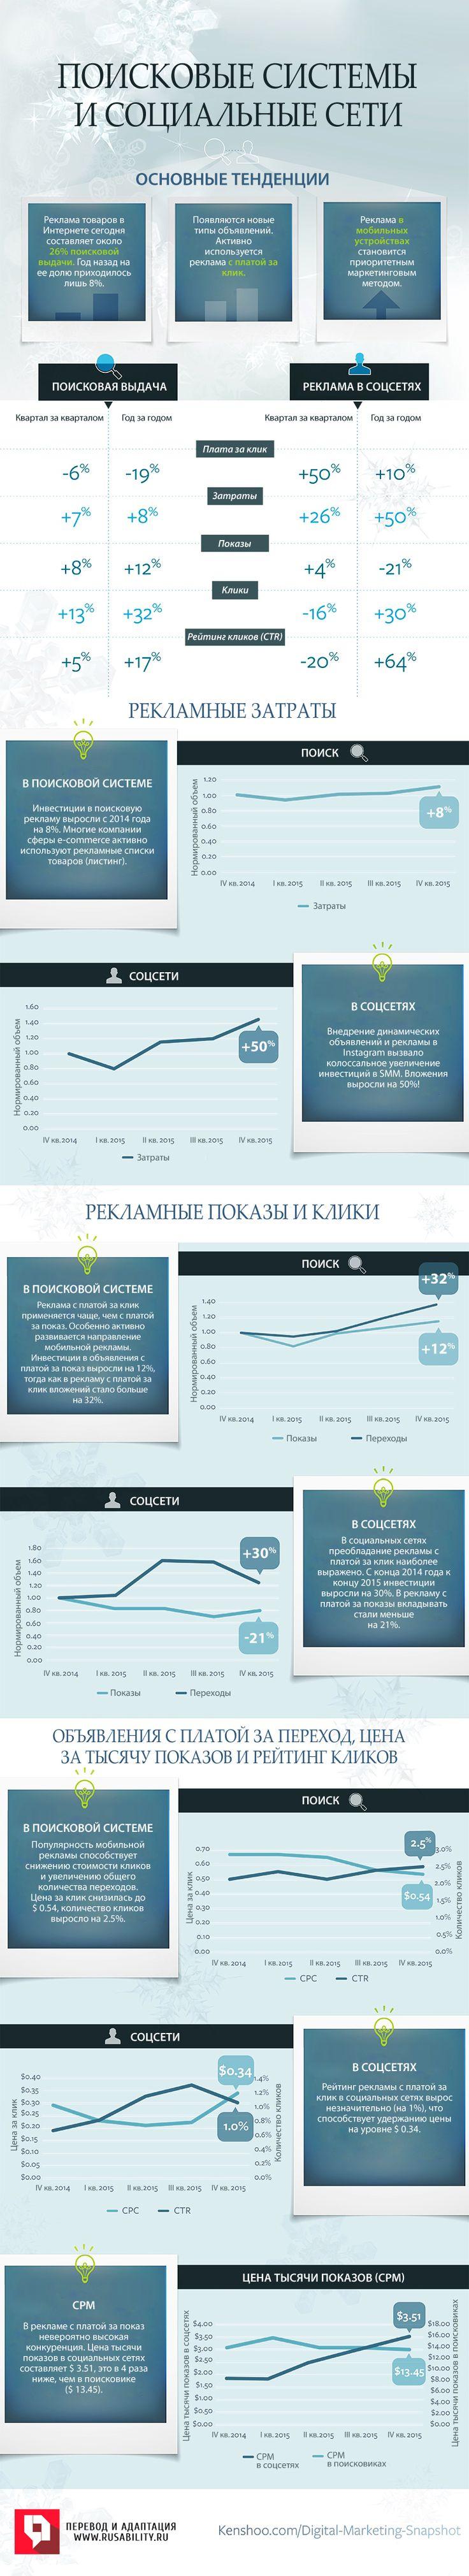 Маркетинг, SEM, SEO, SMM, тренды, тенденции, инфографика, соцсети, социальные сети, поисковые системы, поисковики, показы, клики, инвестиции